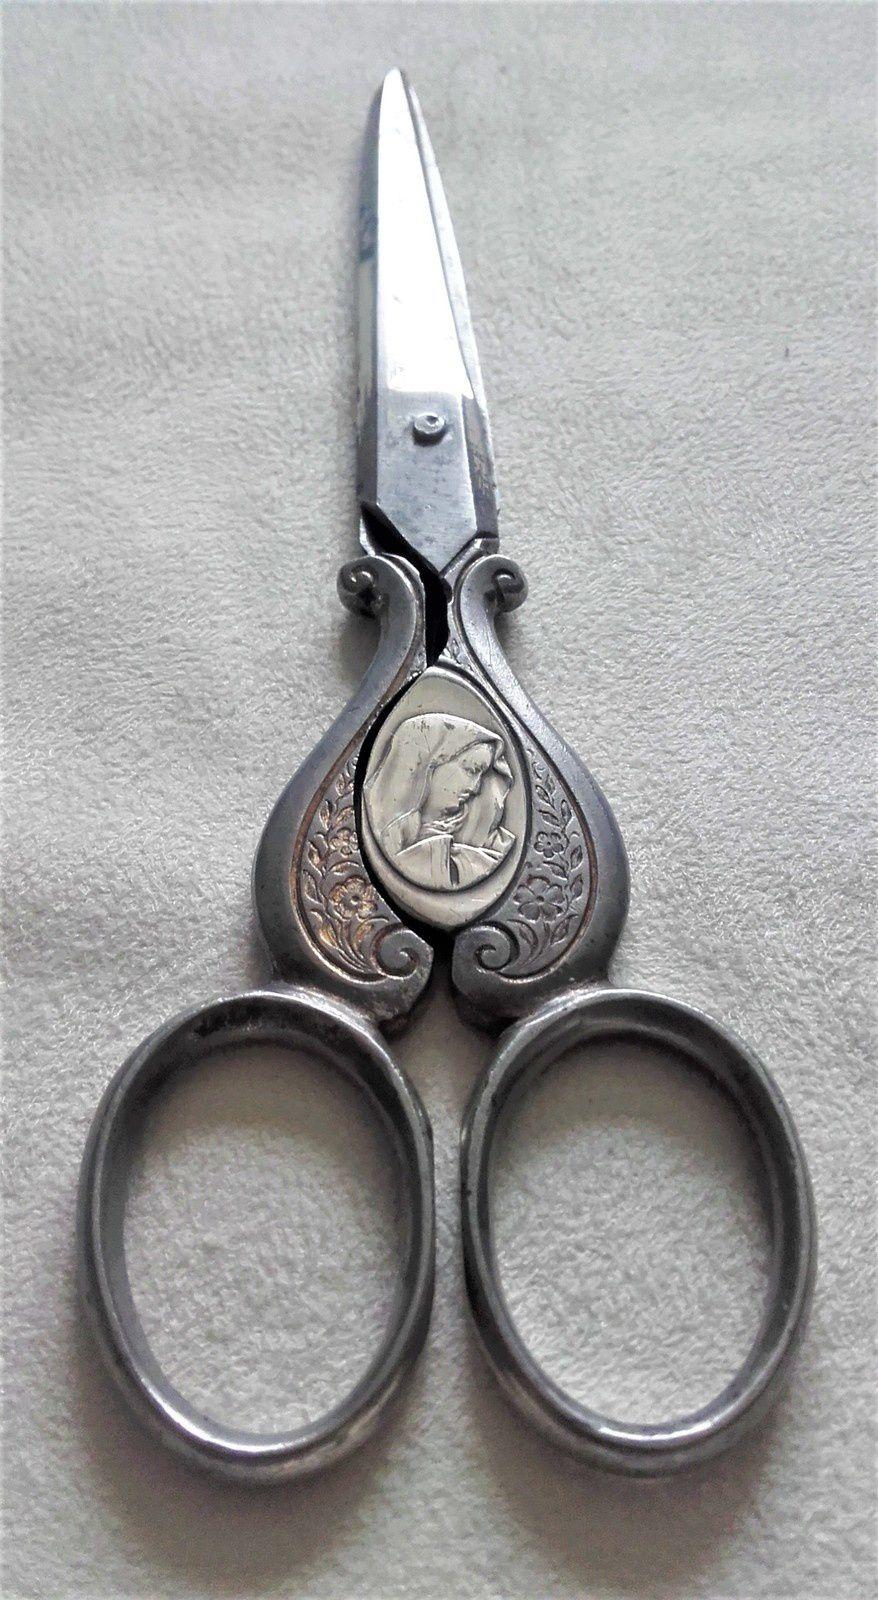 Ciseaux de 15cm du 20ème siècle